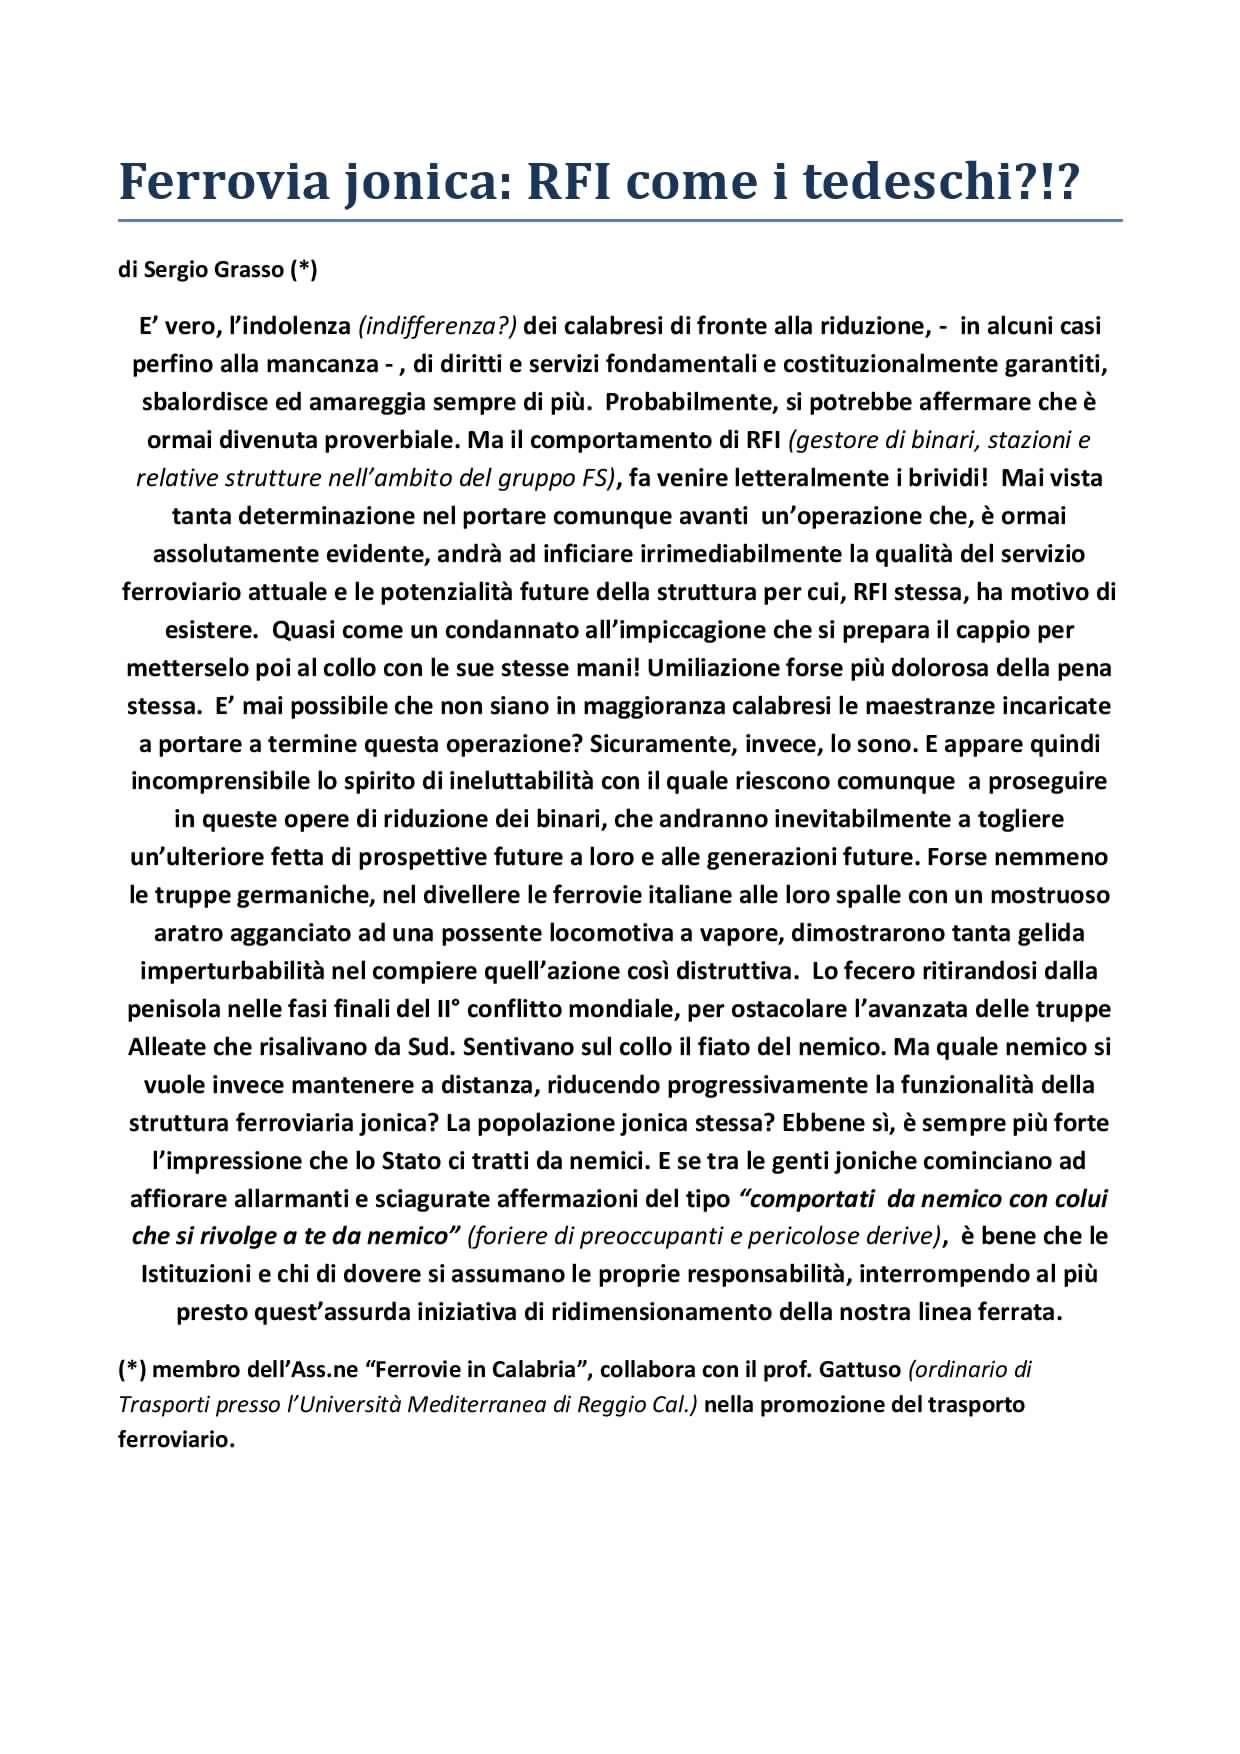 Commento RFI come tedeschi-page-001